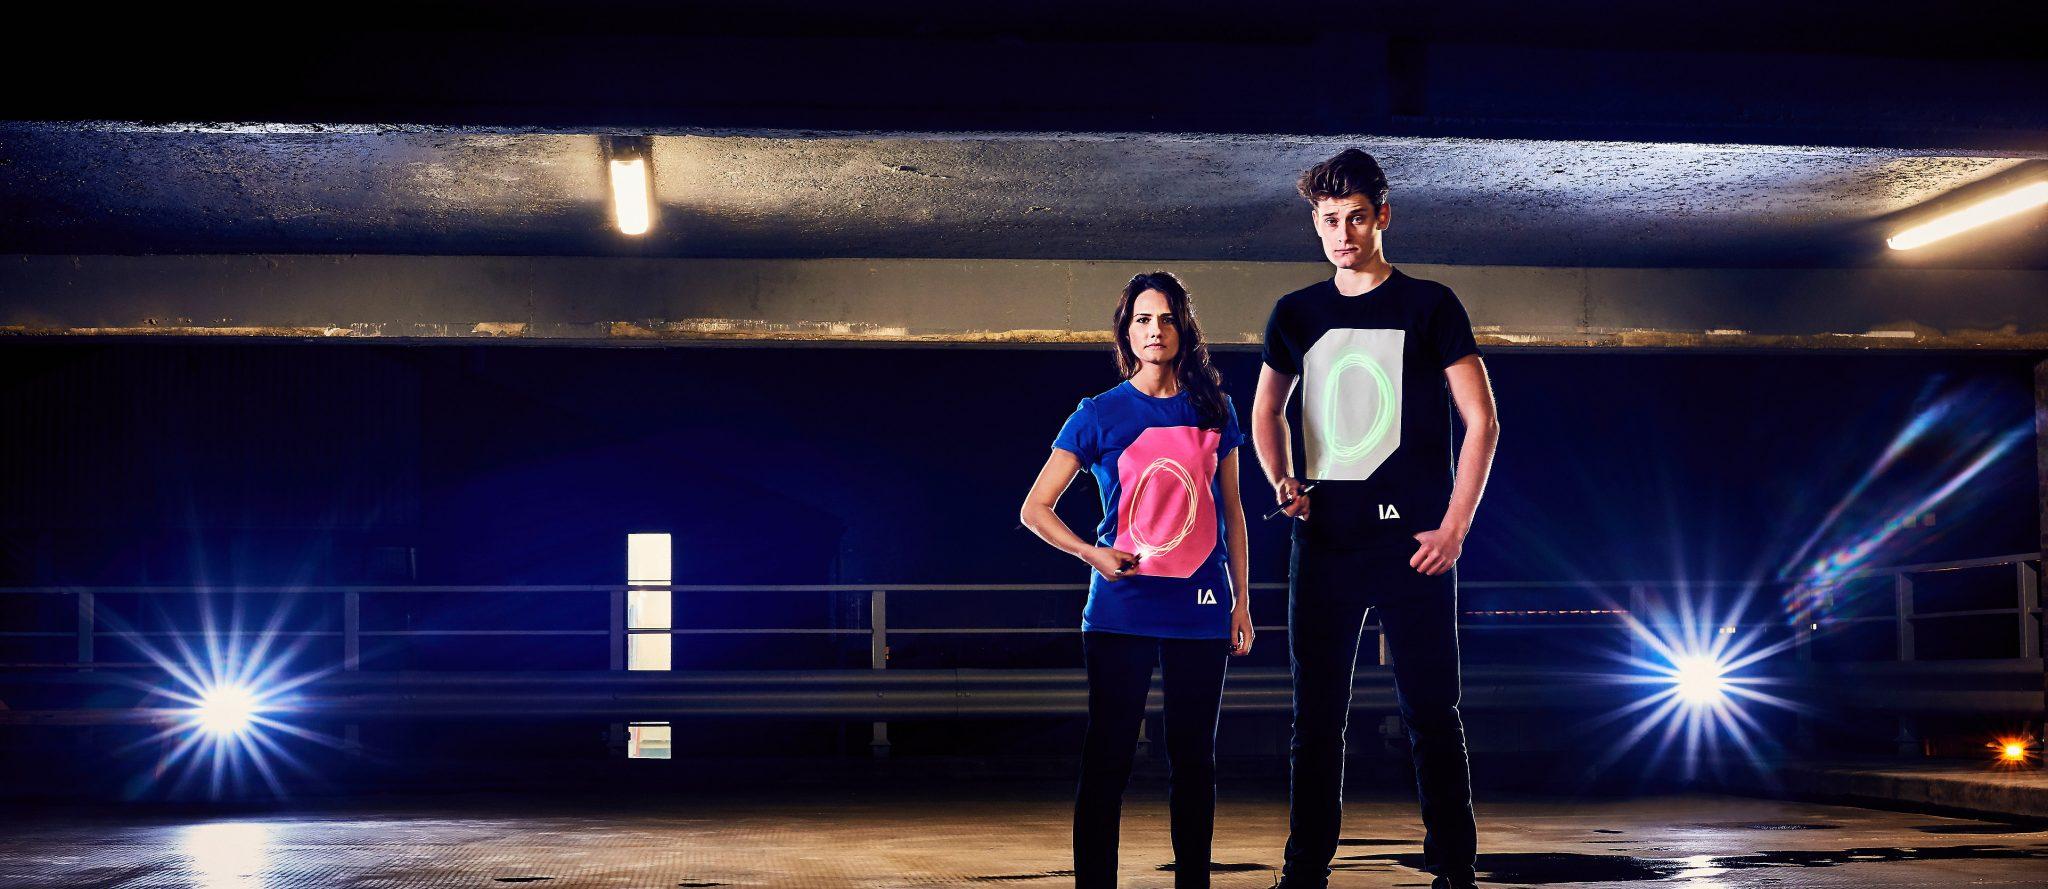 Camisetas luminiscentes interactivas Illuminated Apparel para chico y chica